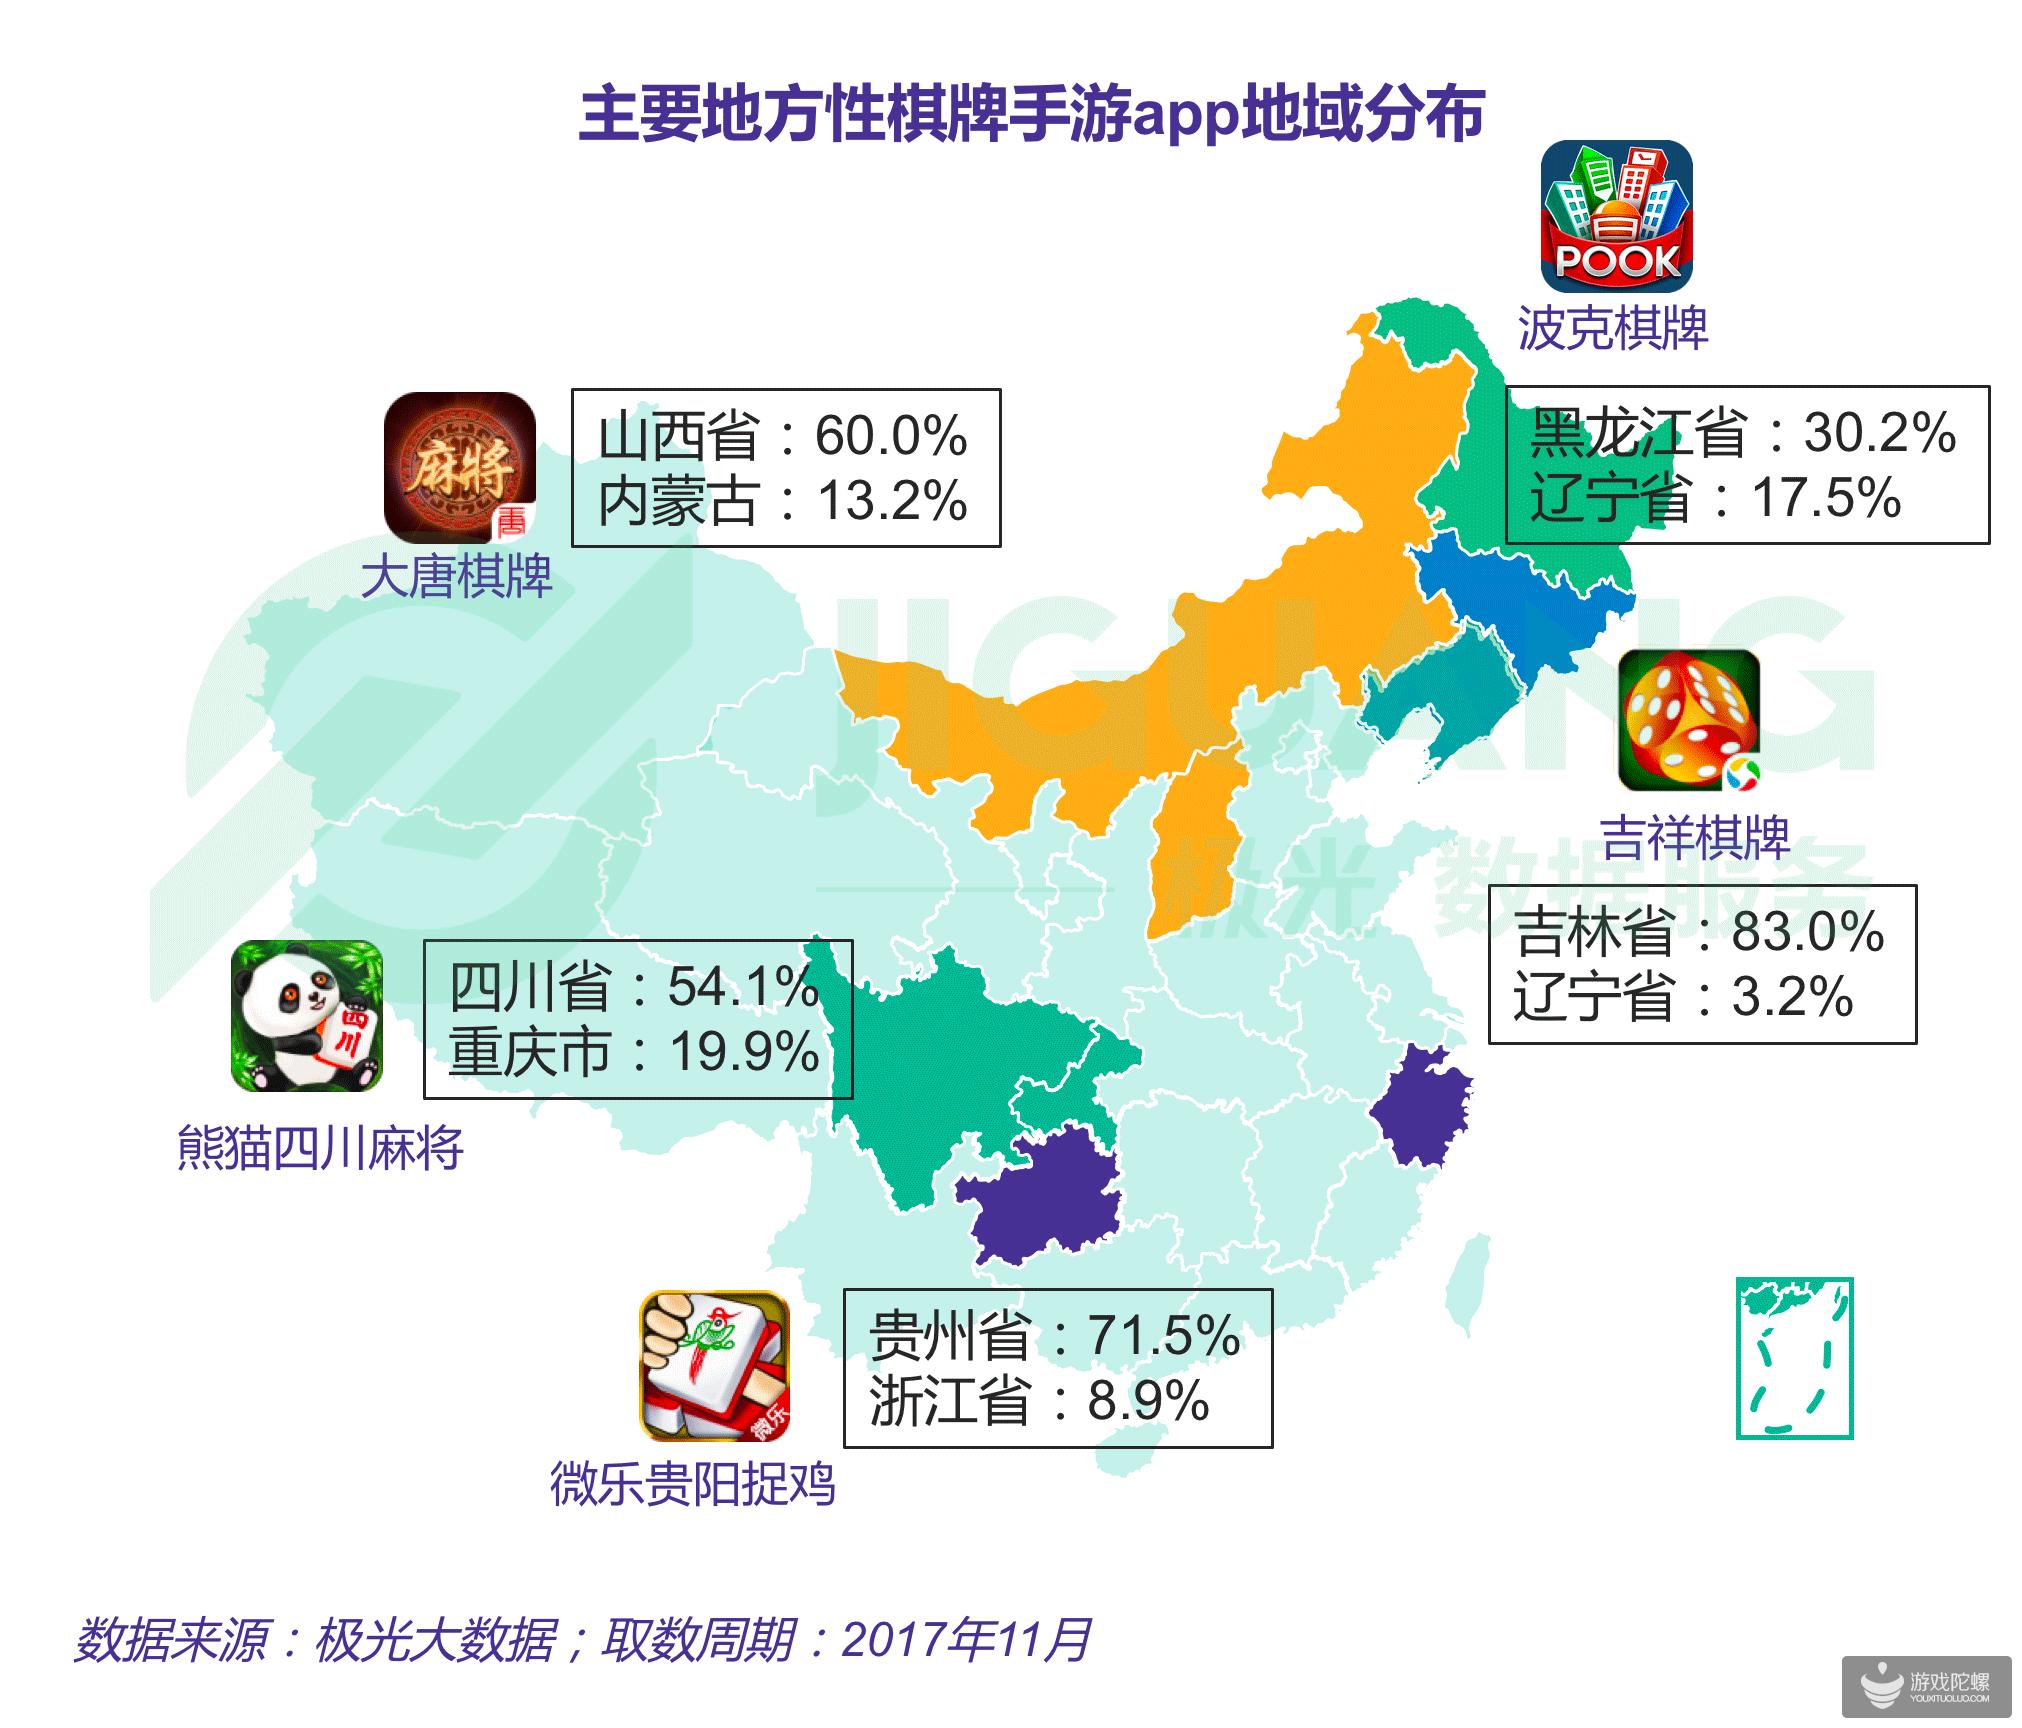 极光大数据:2017年中国地方性特色棋牌游戏研究报告